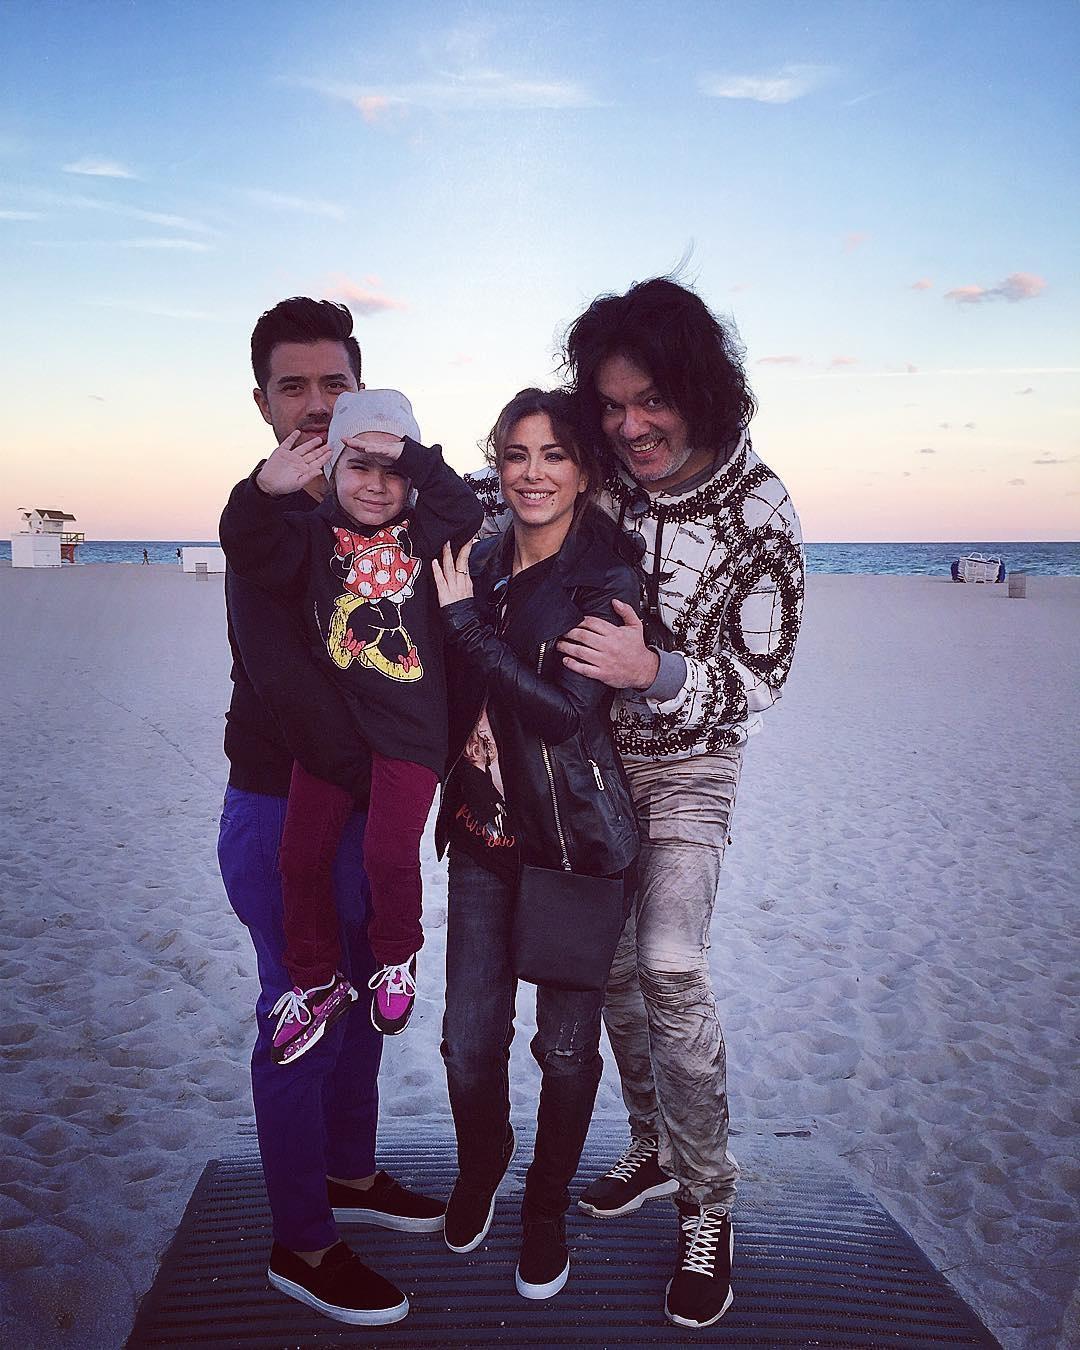 Семьями на пляже 2 фотография